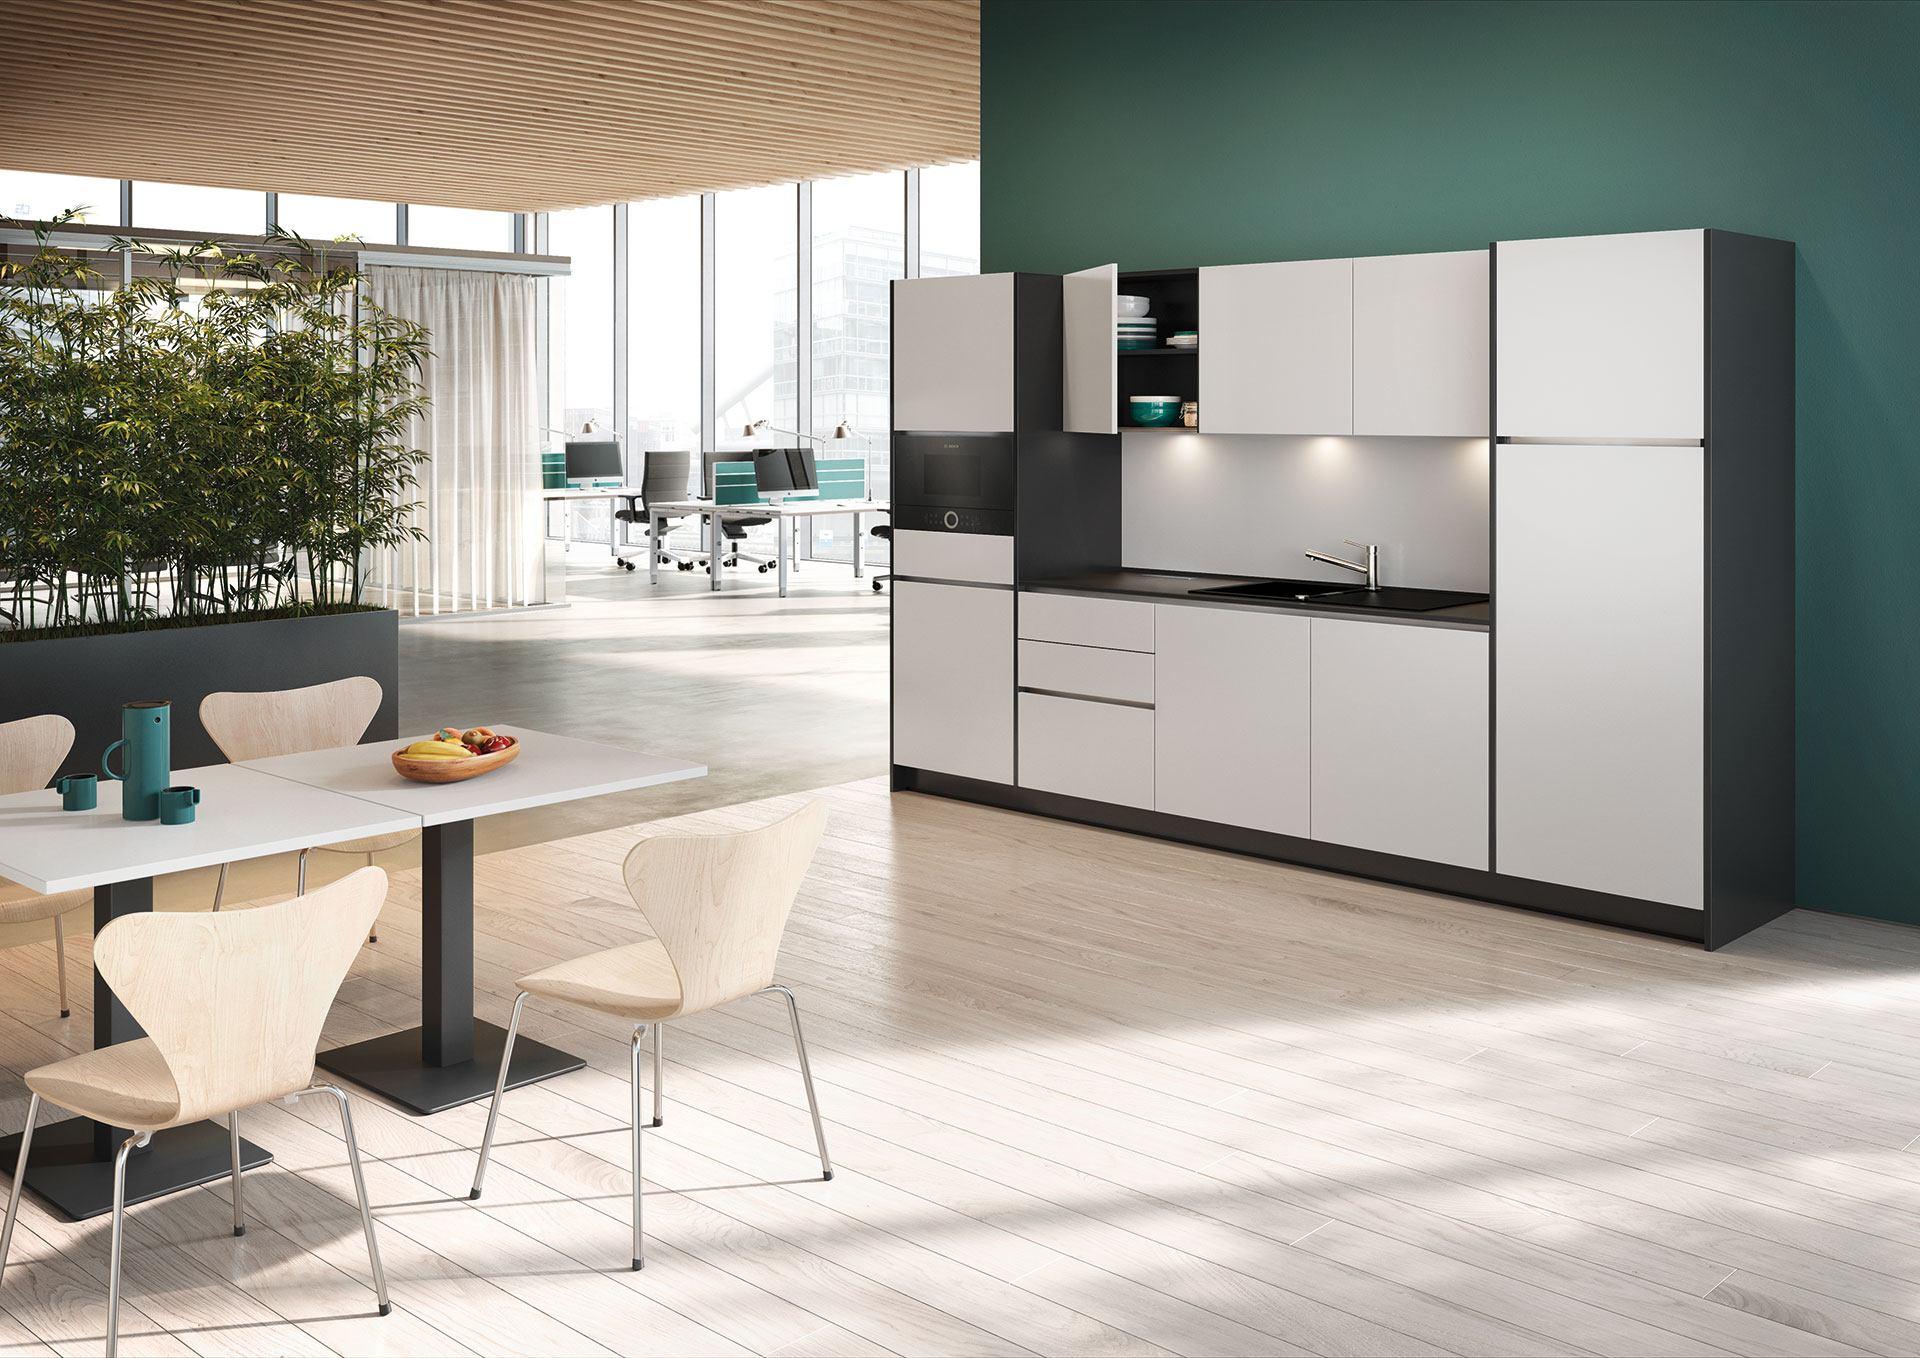 Lorenz + Ulmer GmbH